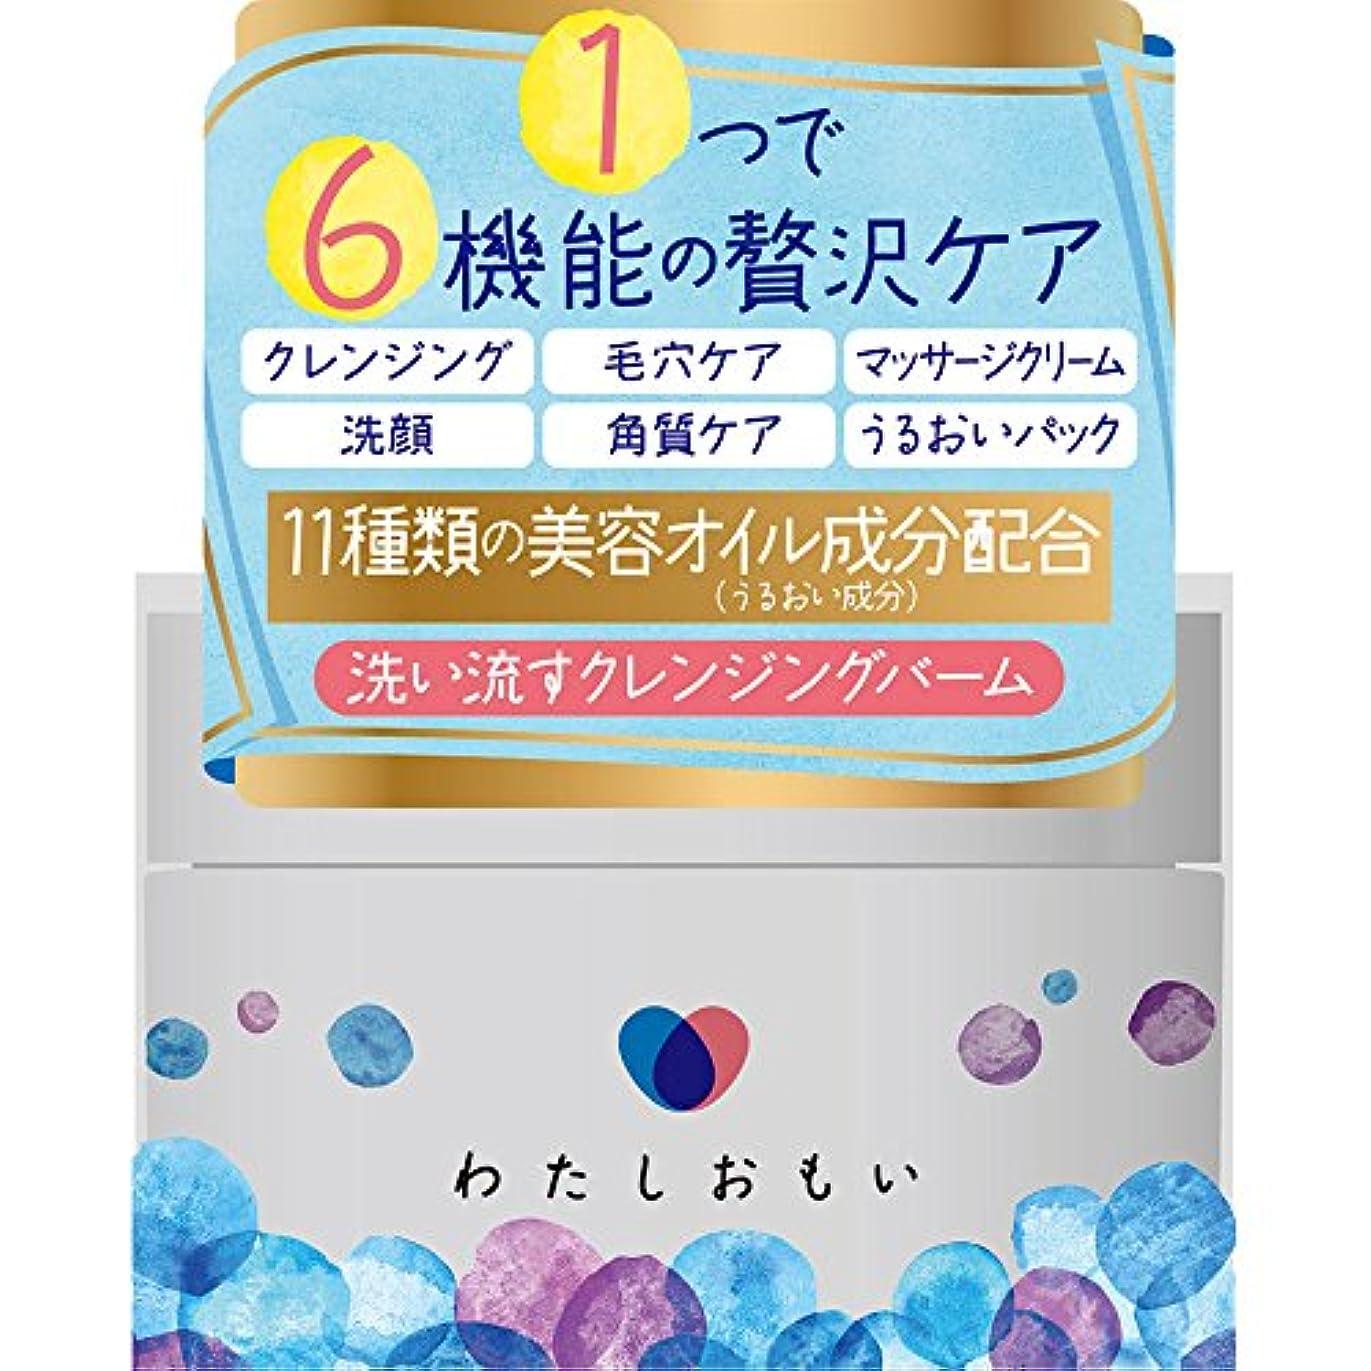 メンバー強います認めるロート製薬 わたしおもい 美容オイル成分11種類配合 洗い流すクレンジングバーム 90g